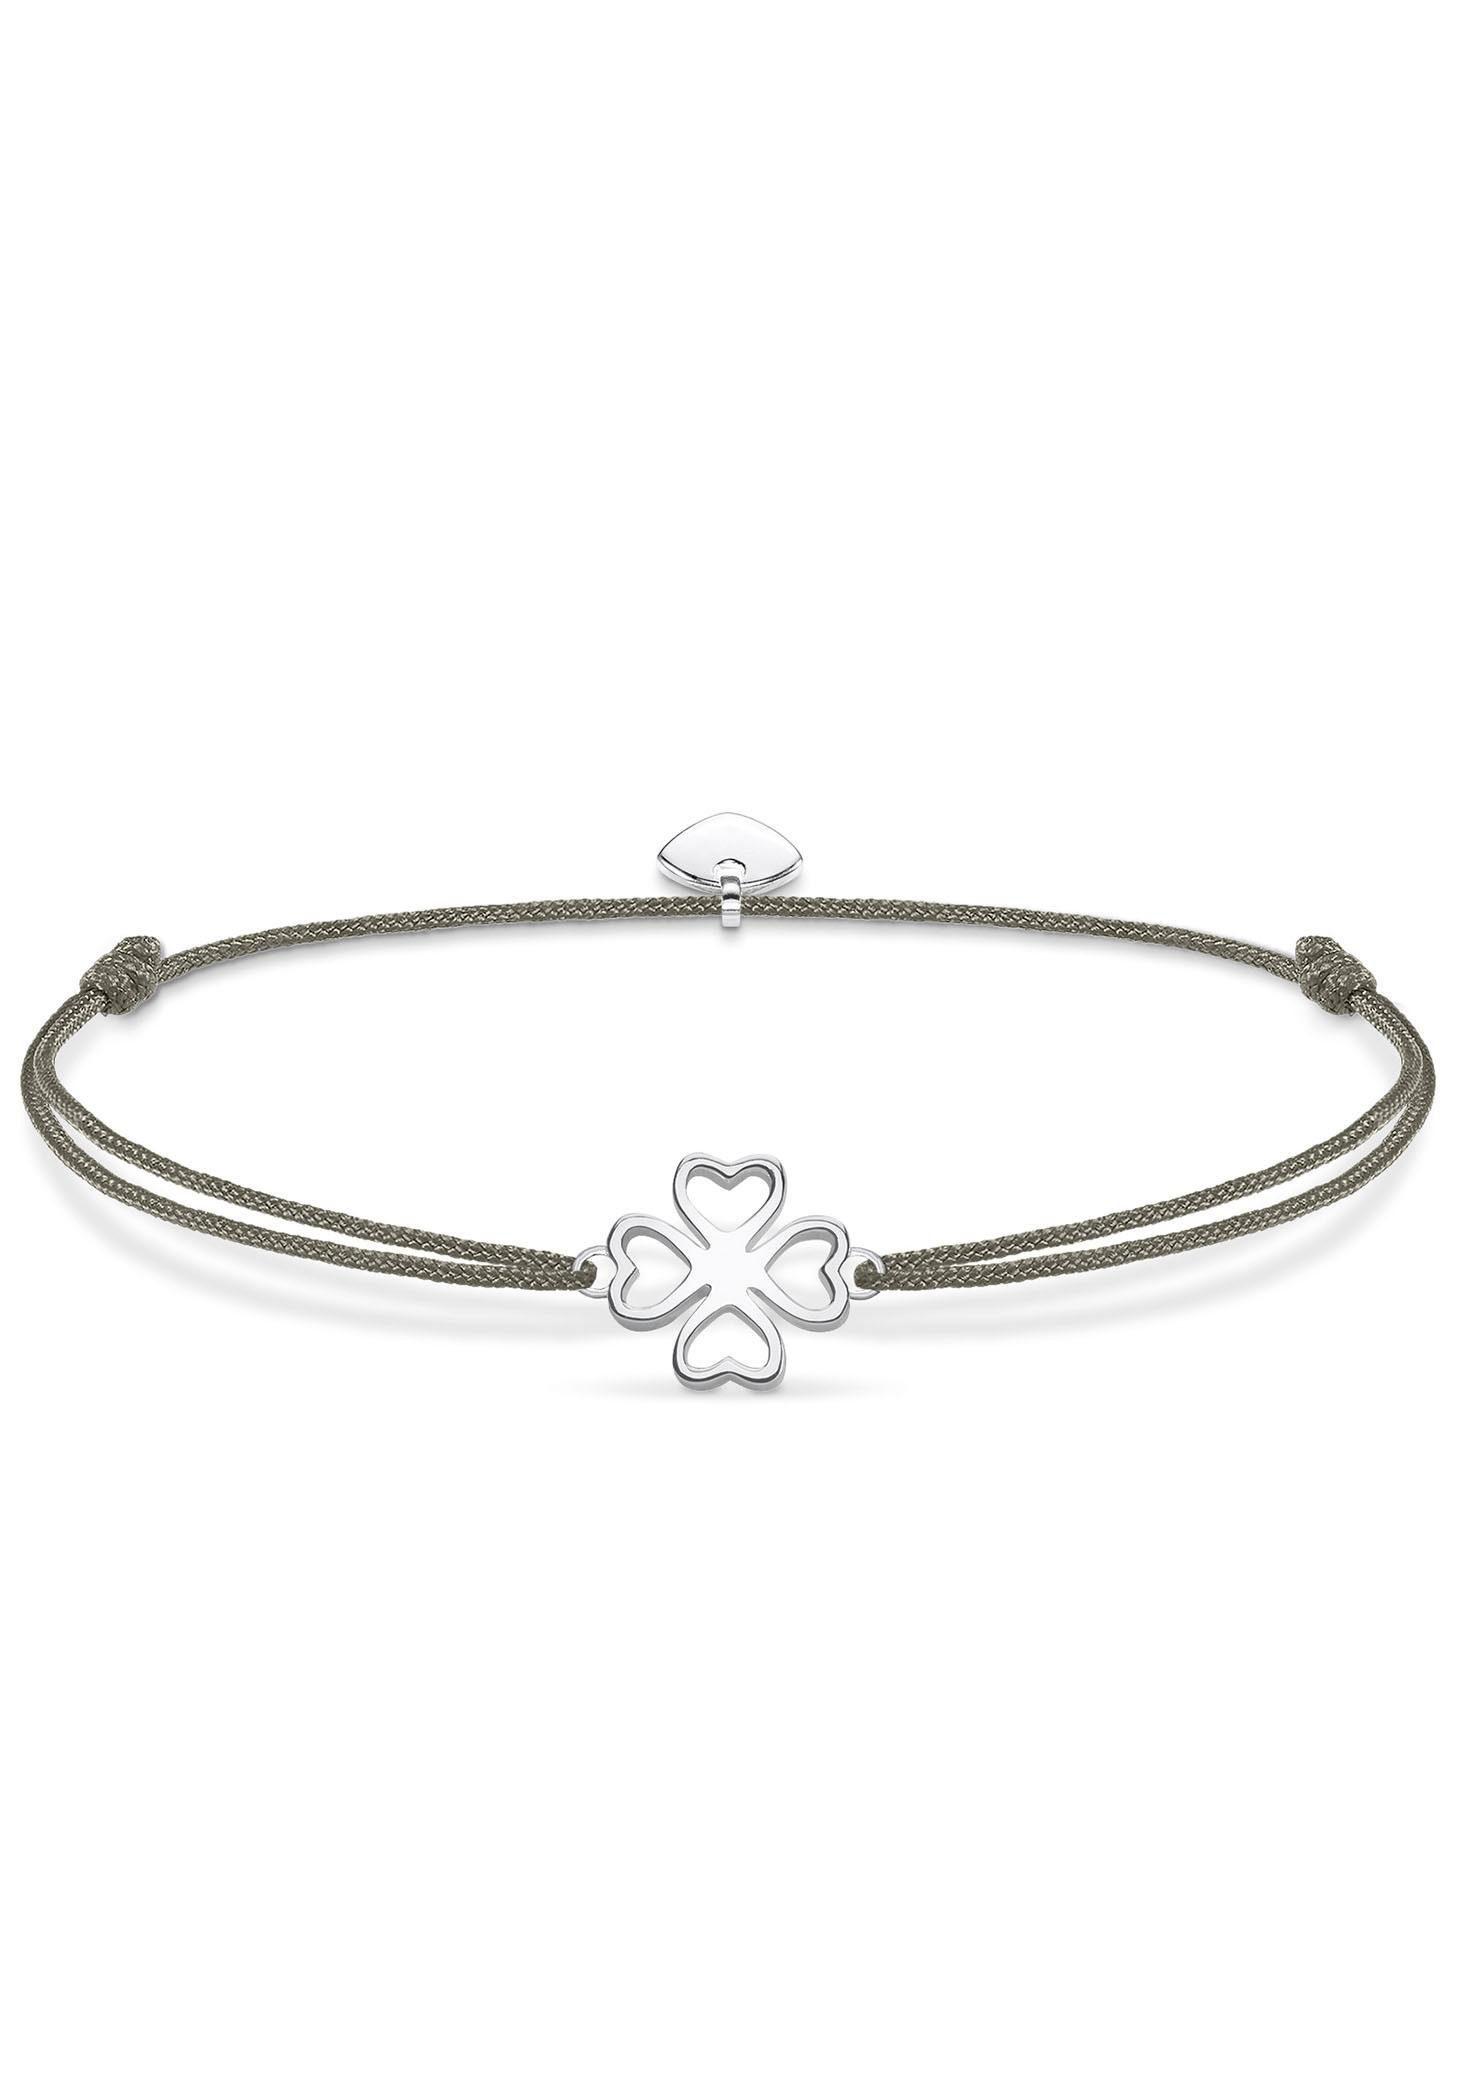 THOMAS SABO Armband »Kleeblatt, Little Secret, LS017-173-5-L20v«